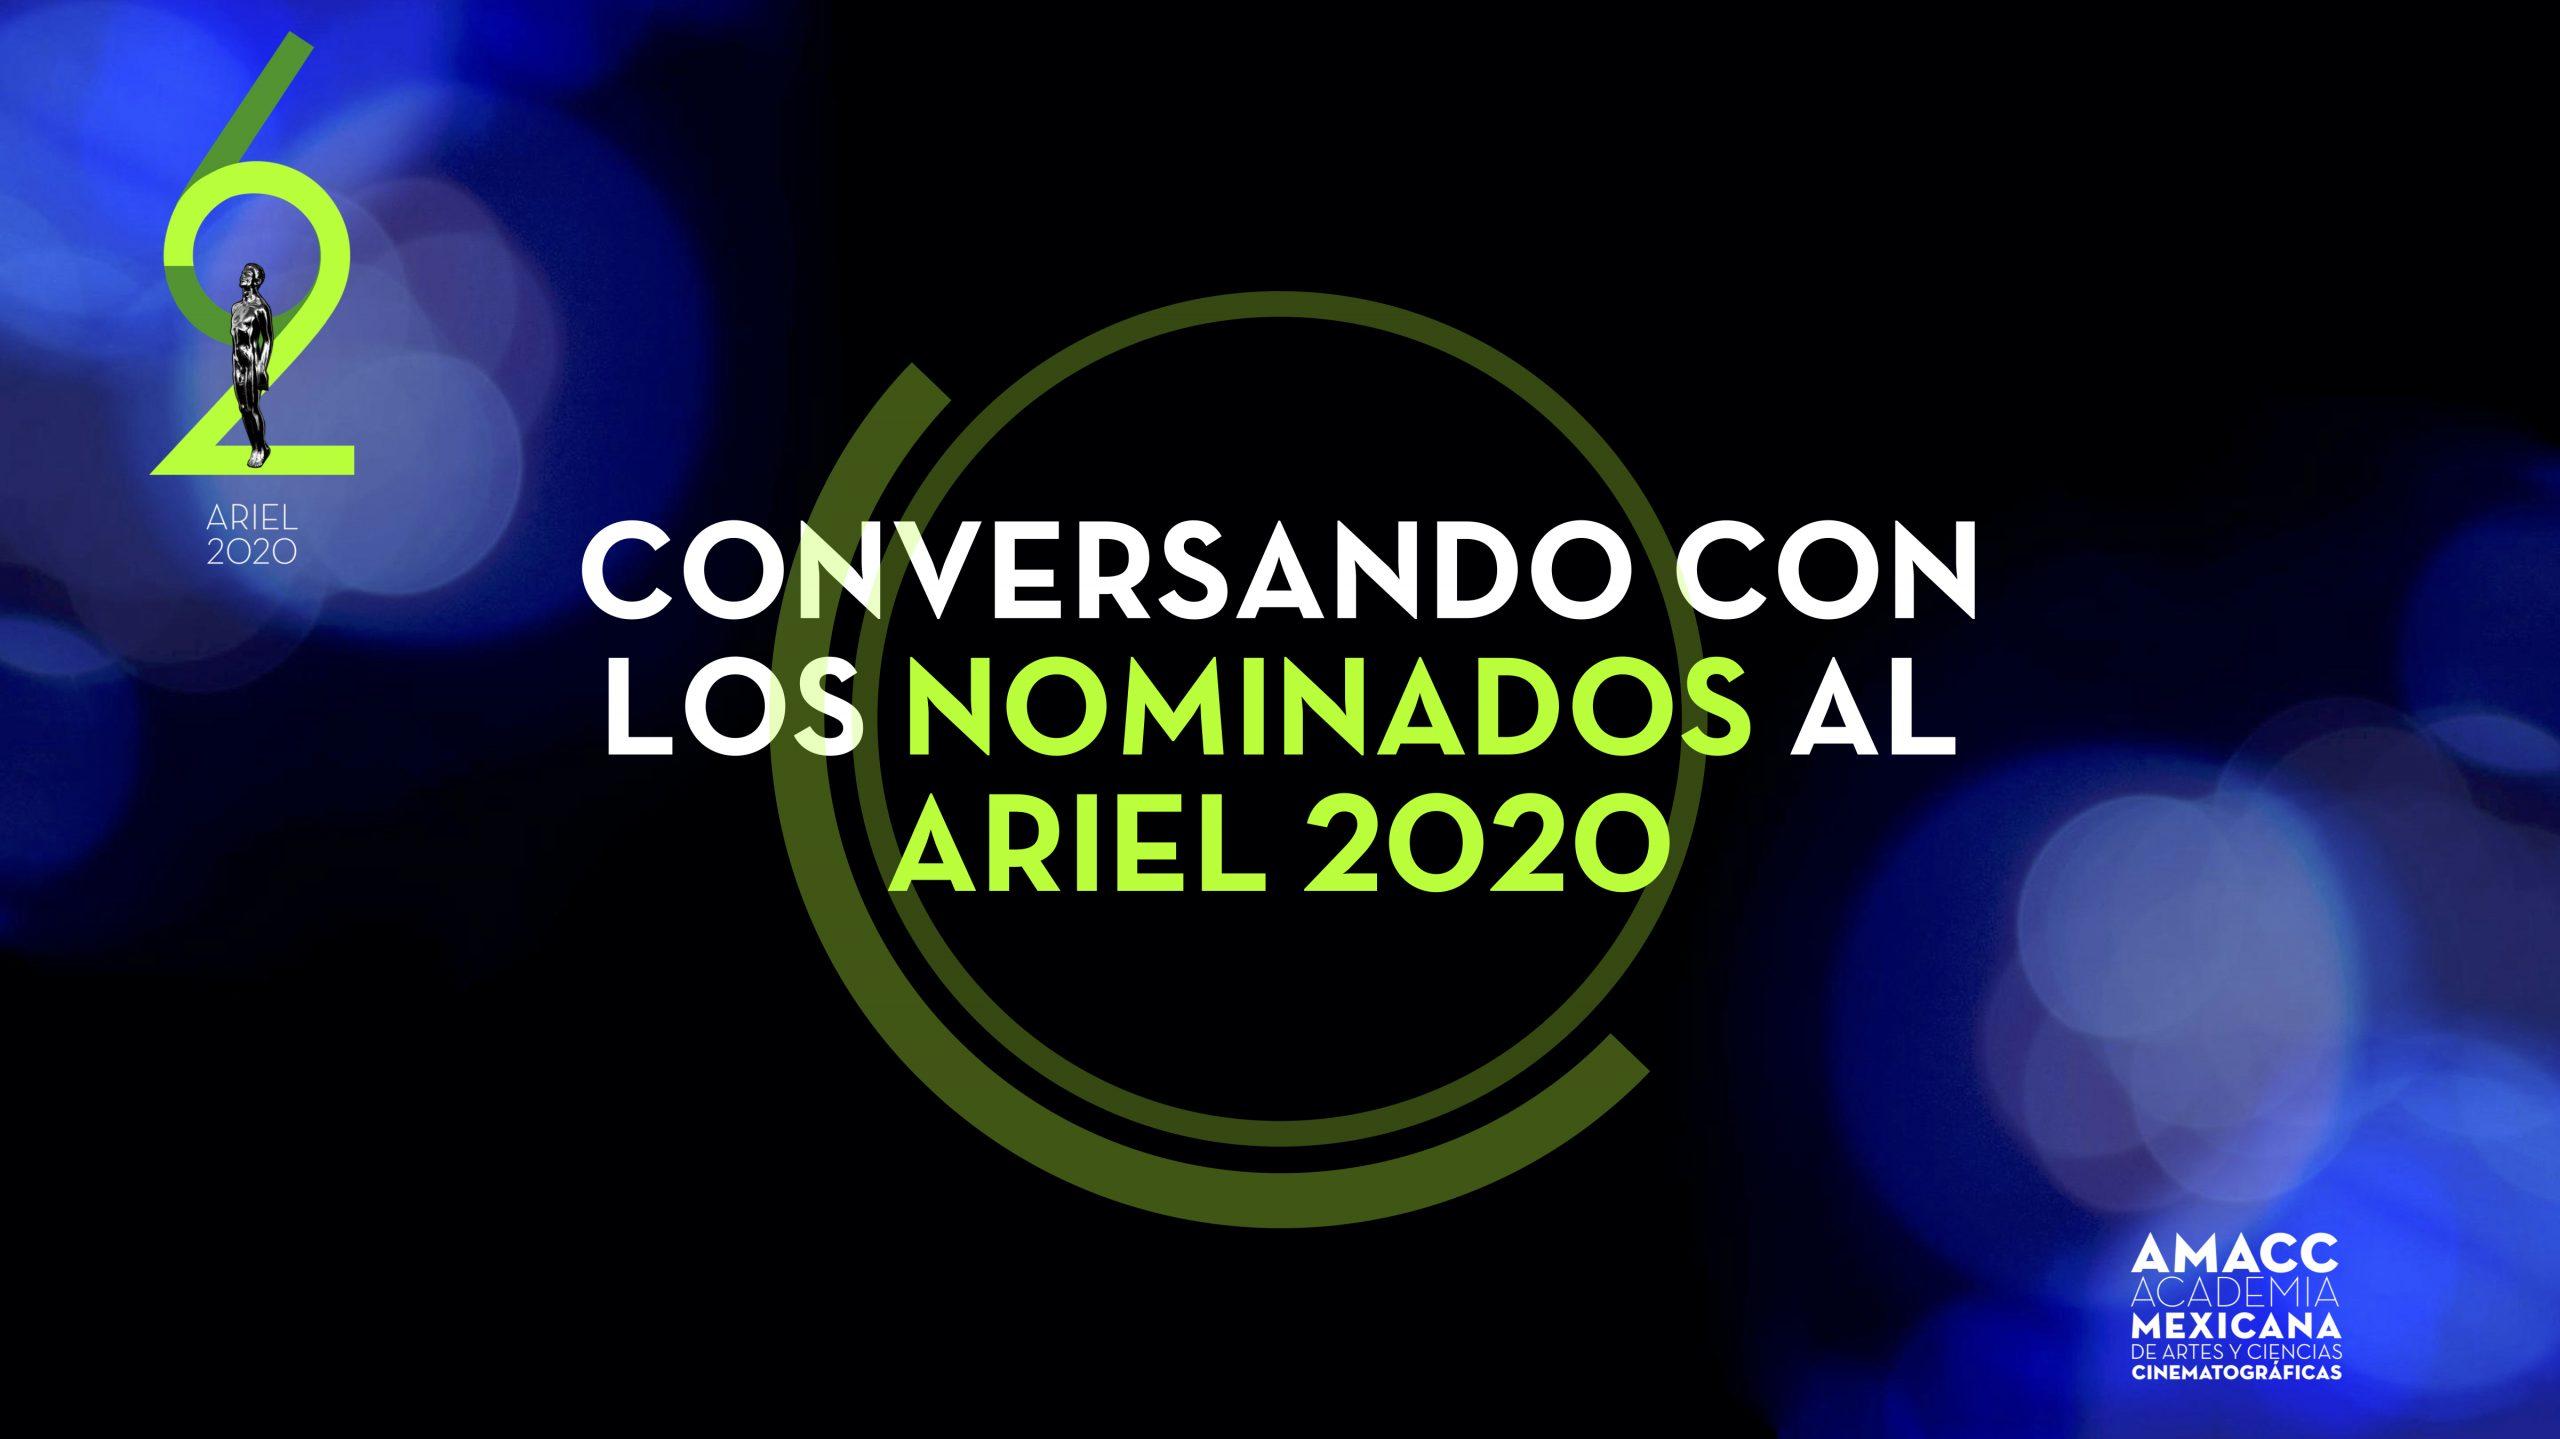 Conversando con los Nominados al Ariel 2020